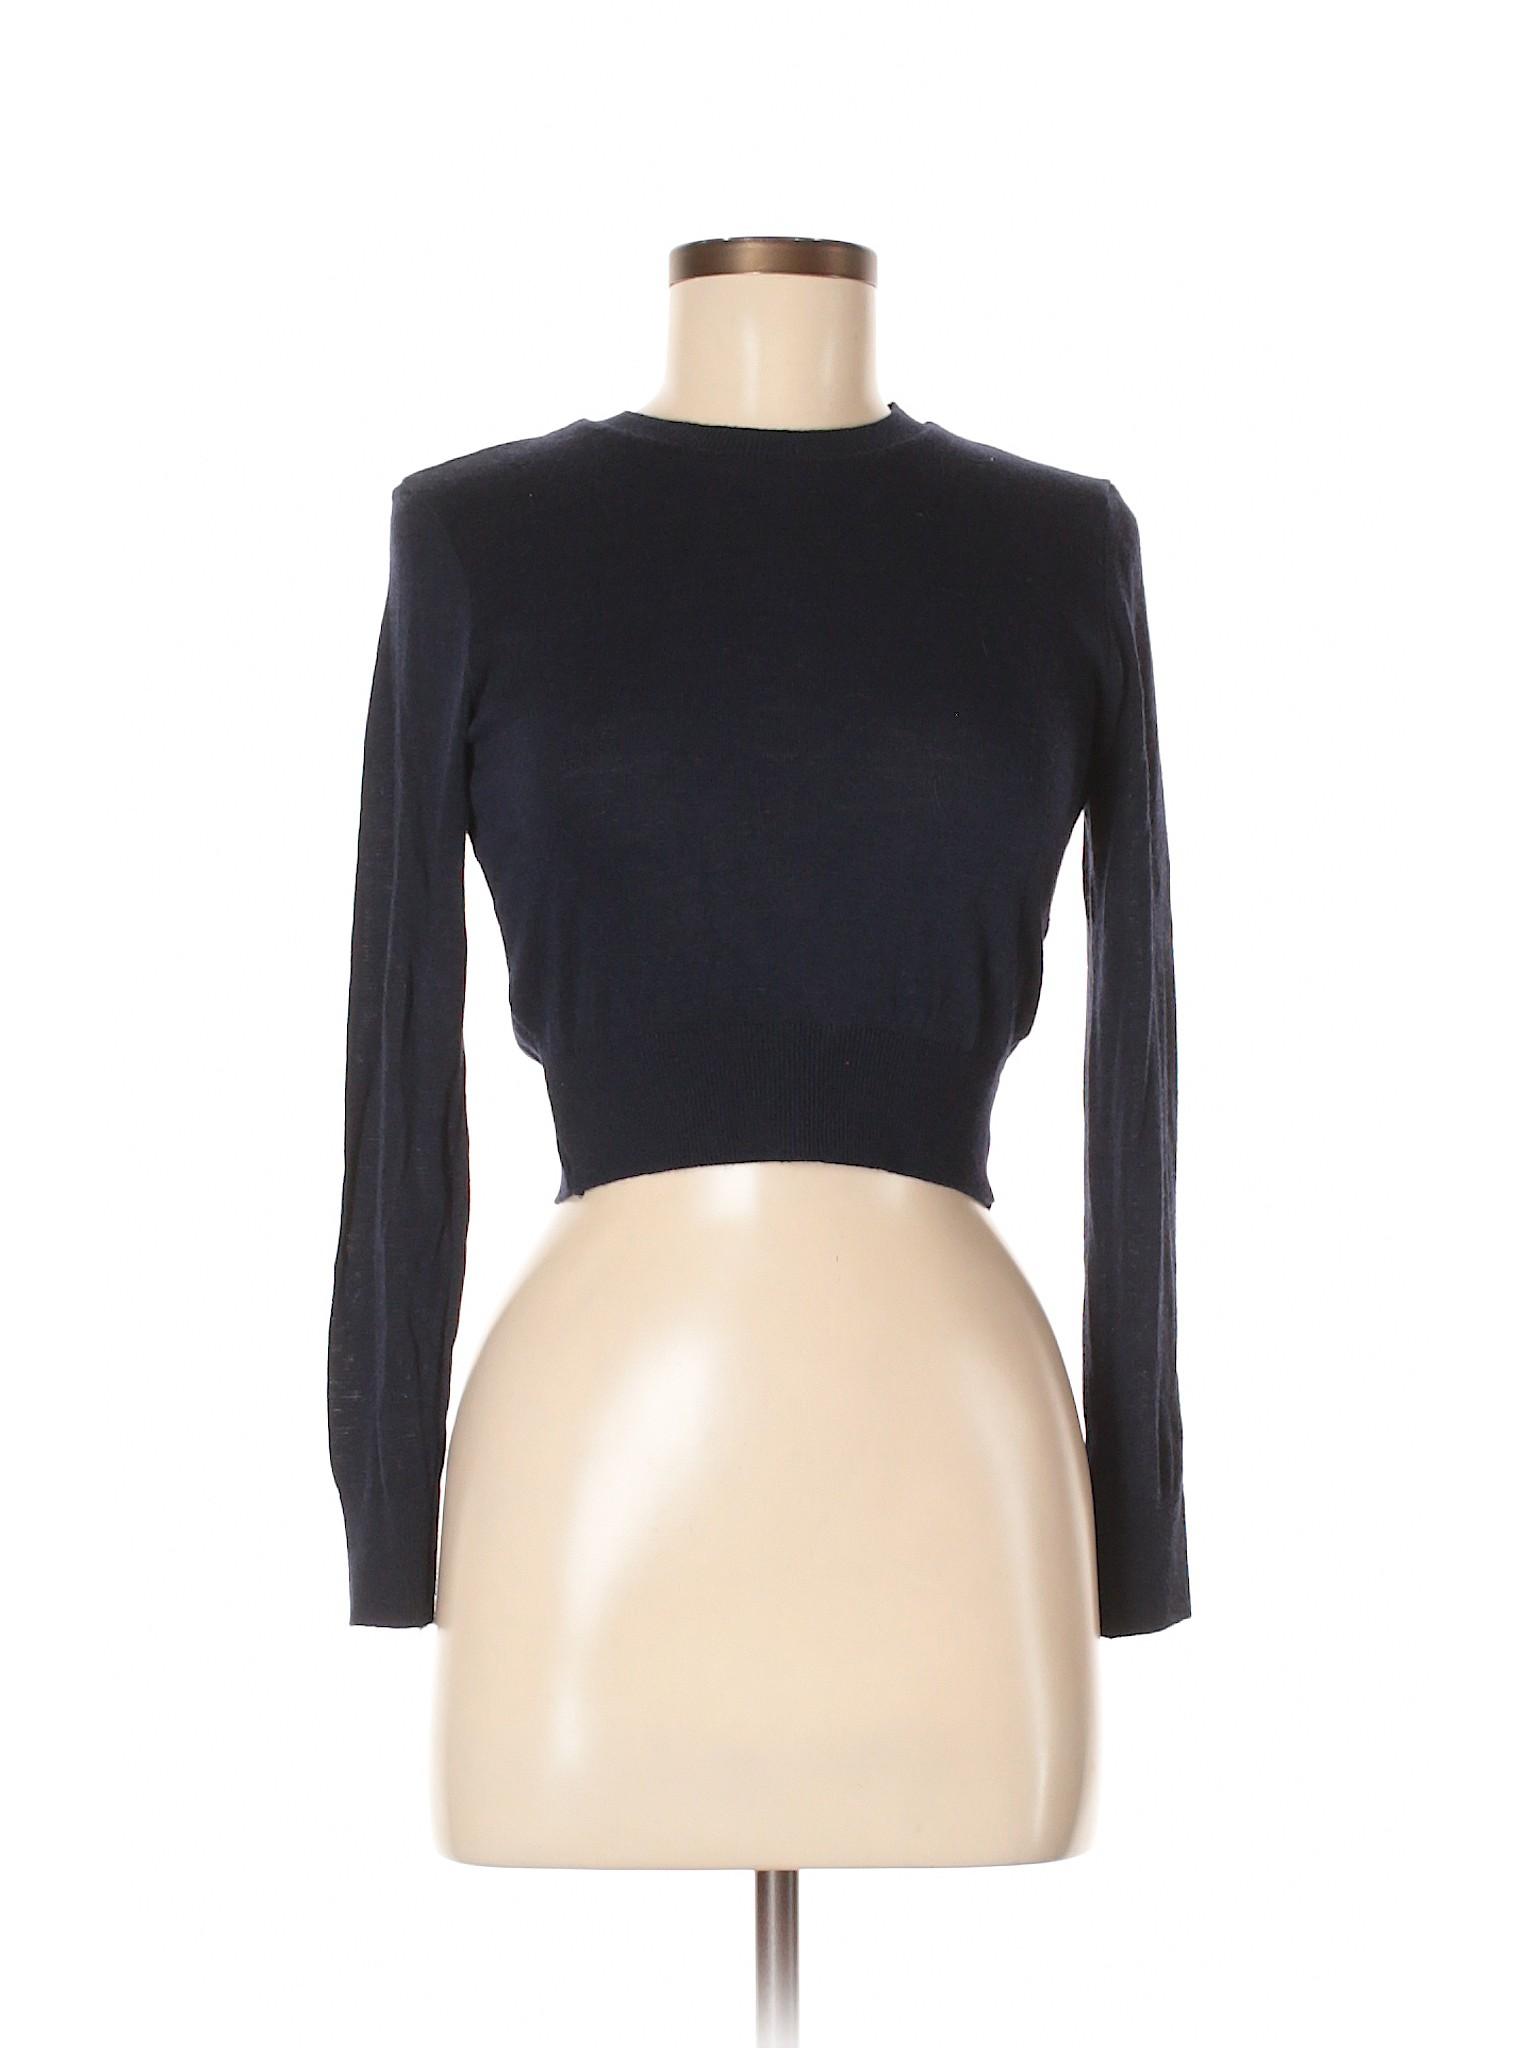 winter Sweater Apparel Pullover American Boutique FxqgaOa